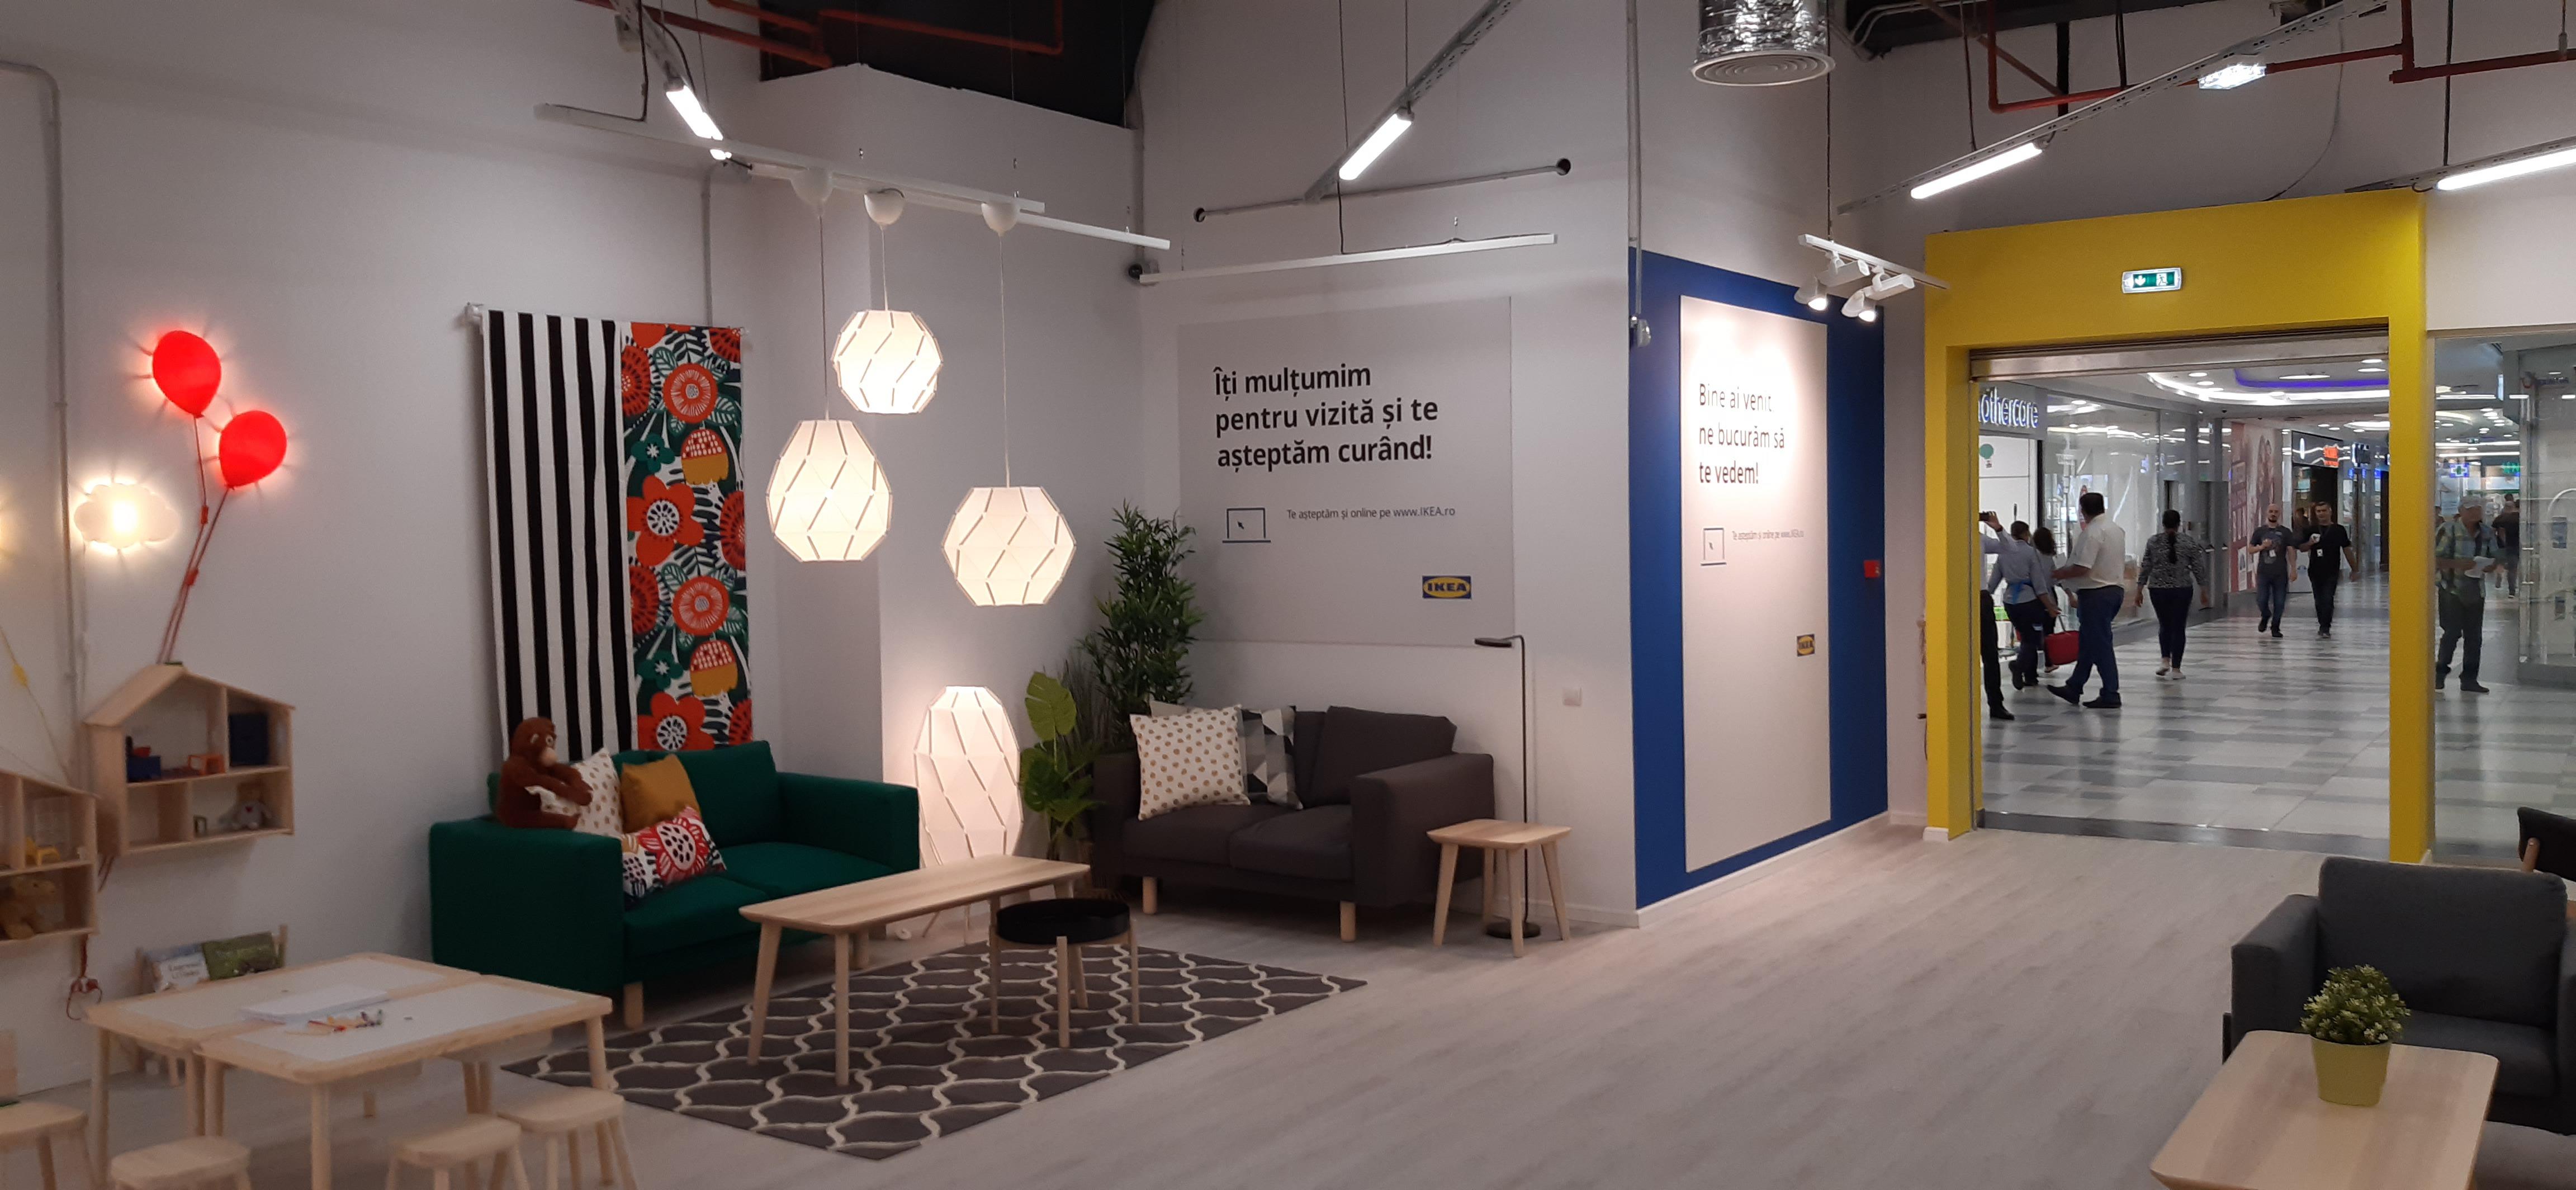 Ikea a inaugurat al patrulea punct de colectare a comenzilor online, în Mall Plaza Bucureşti, şi vrea un centru similar şi la Iaşi